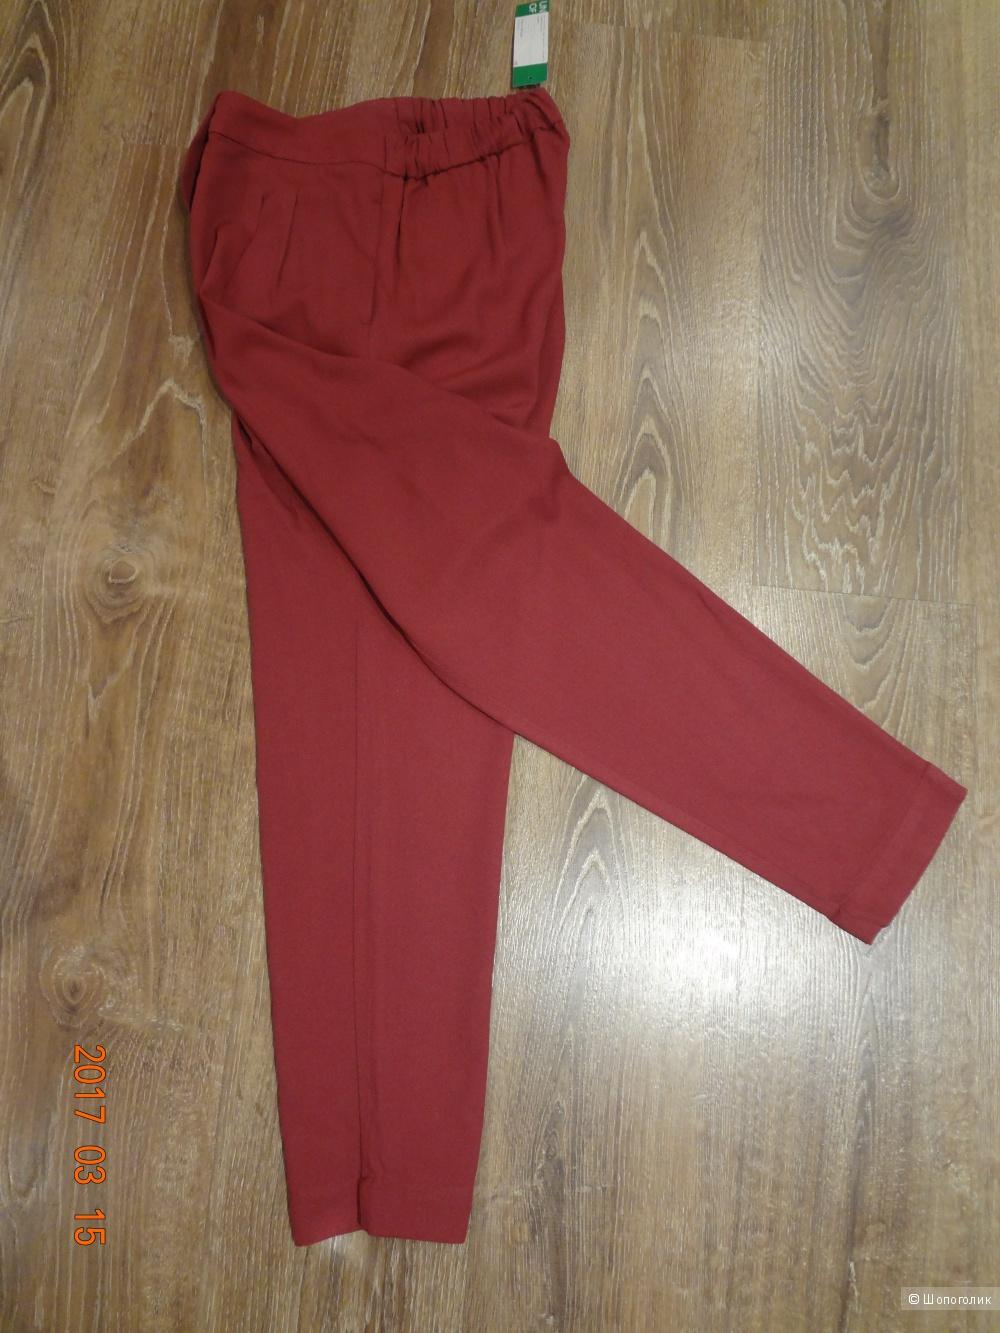 Итальянские брюки Benetton, новые, 44